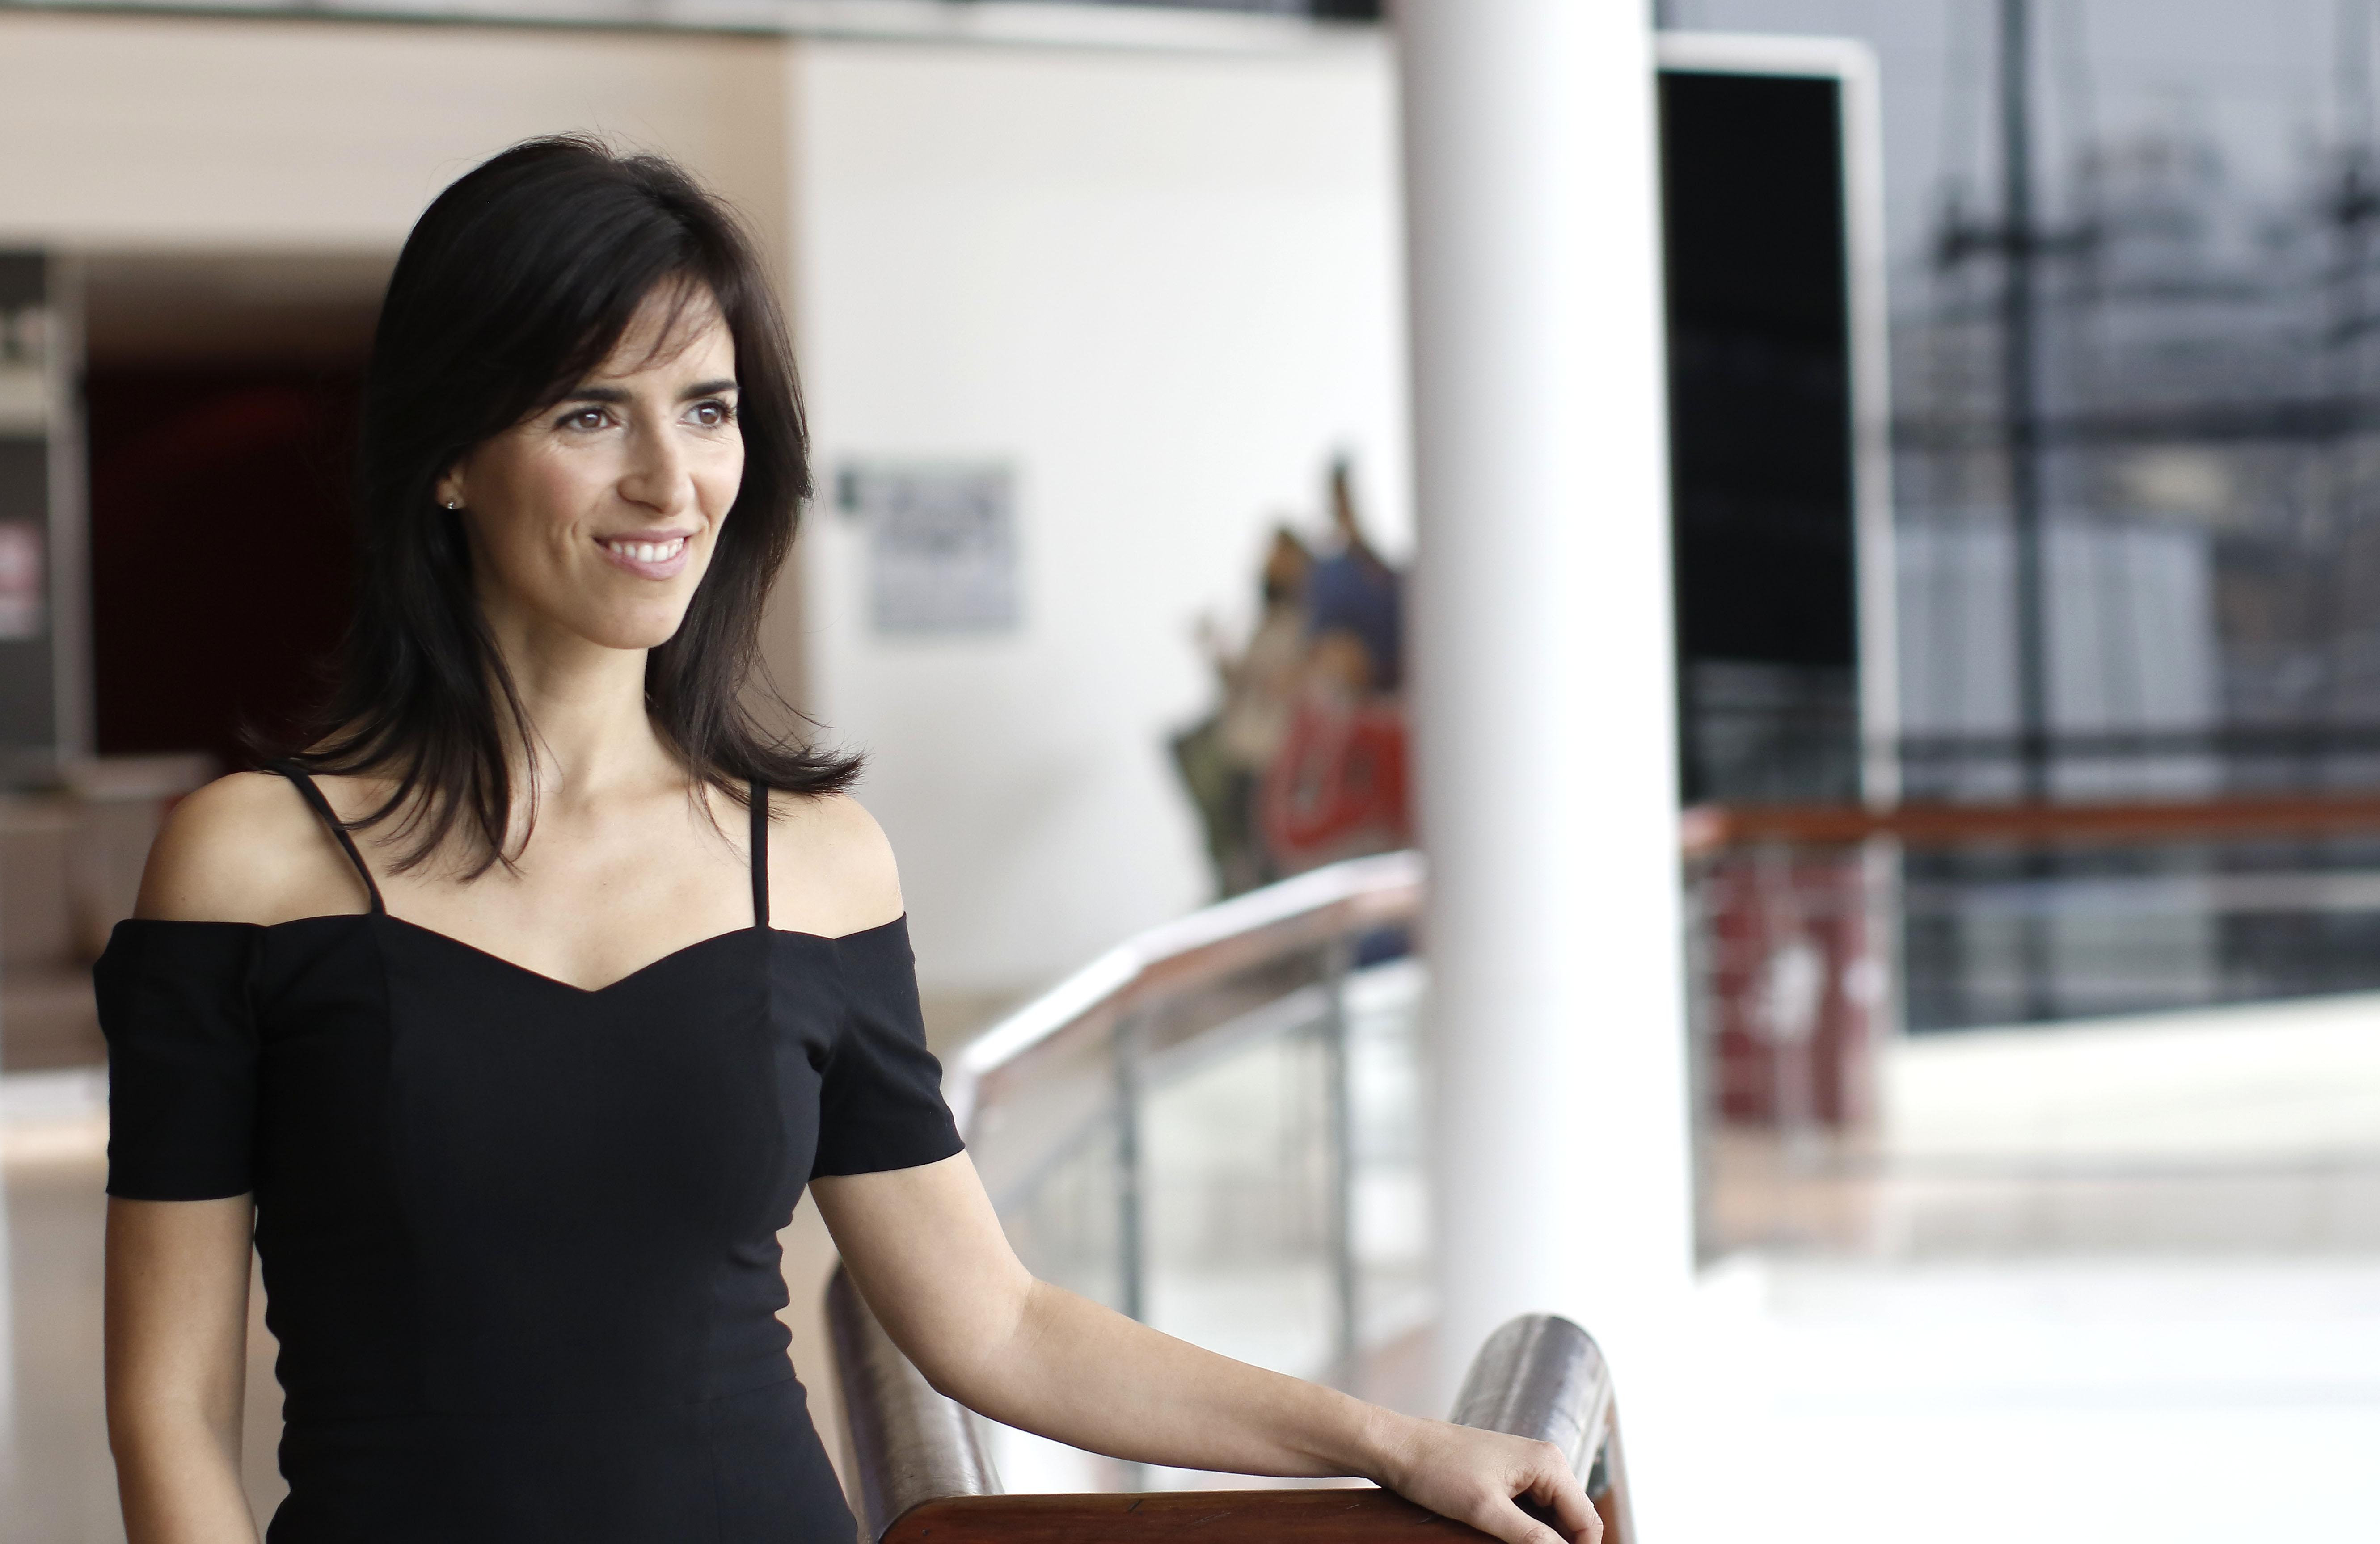 """Paz Bascuñán: """"Los estereotipos uno ya no se los compra"""""""